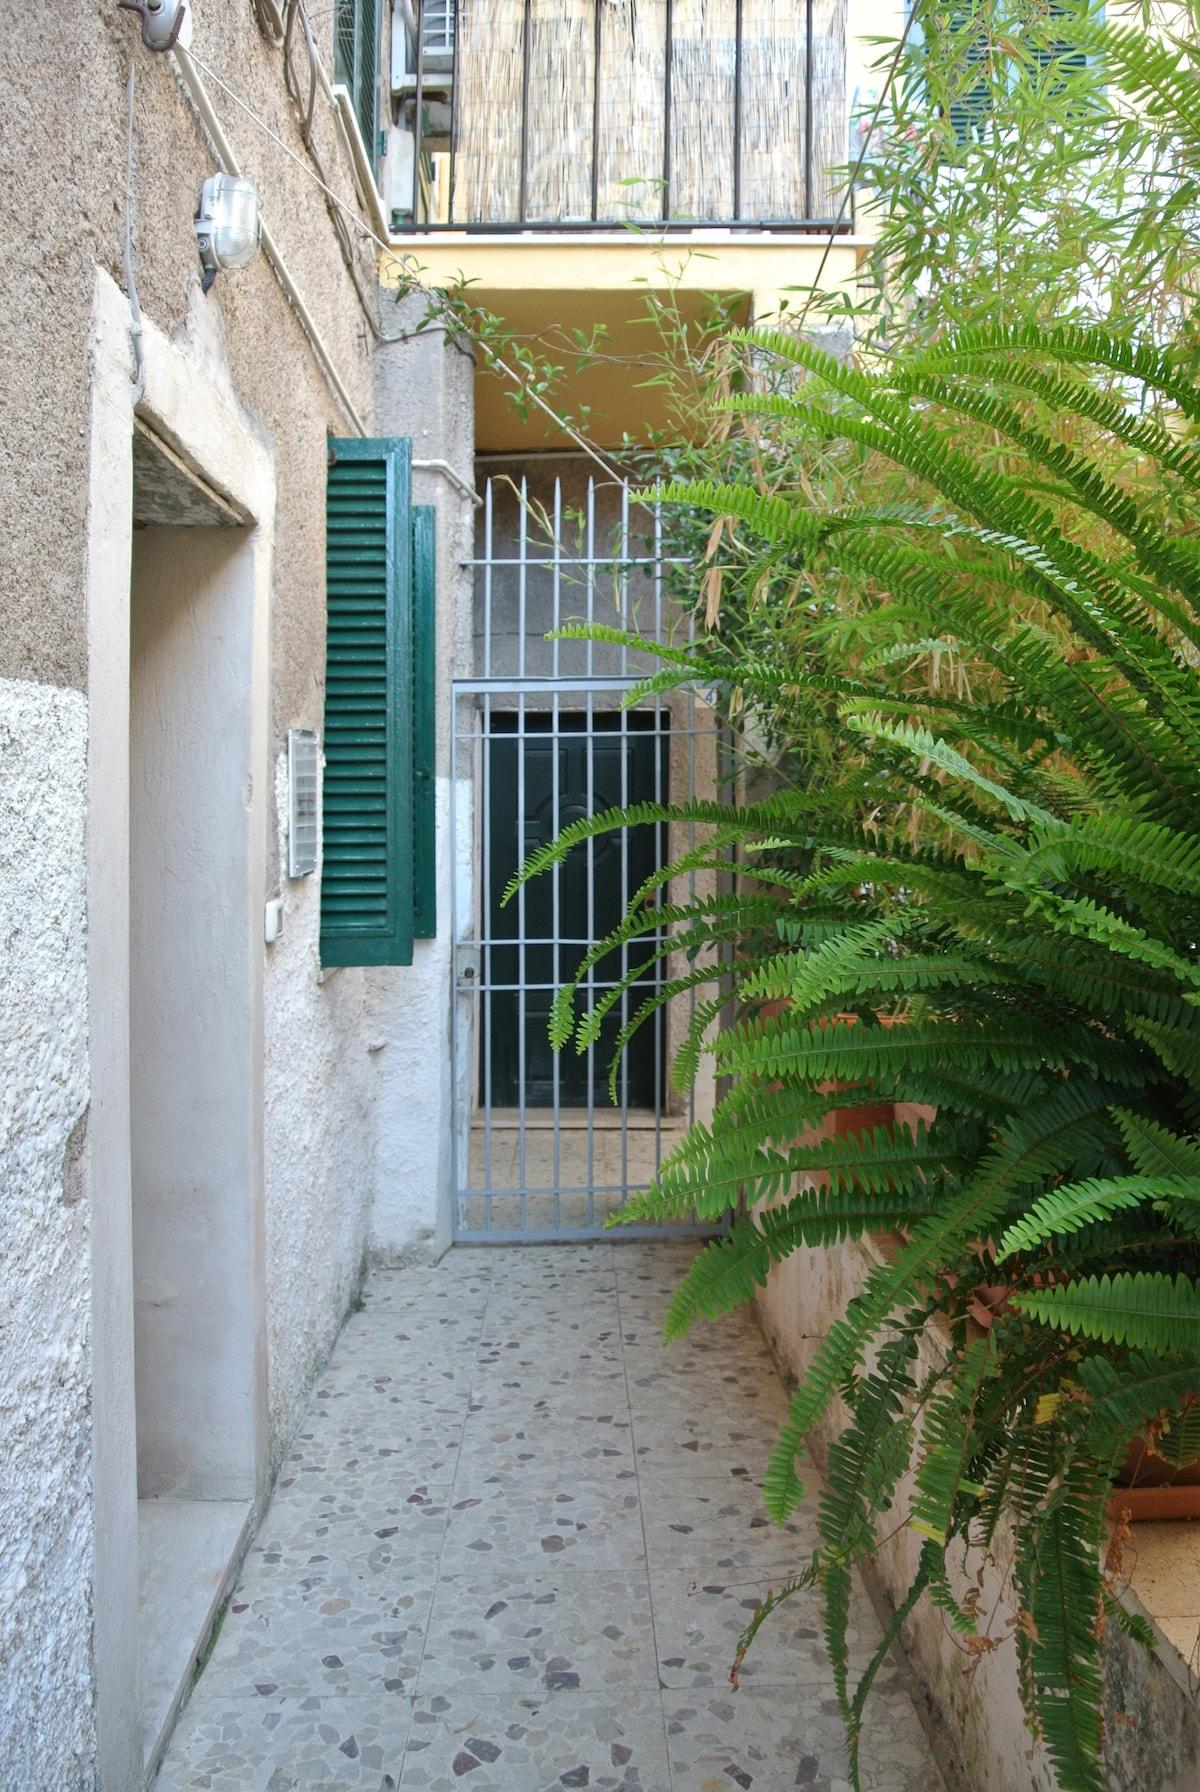 Un'entrata raccolta accompagnata dall'ombra di piante sempreverdi